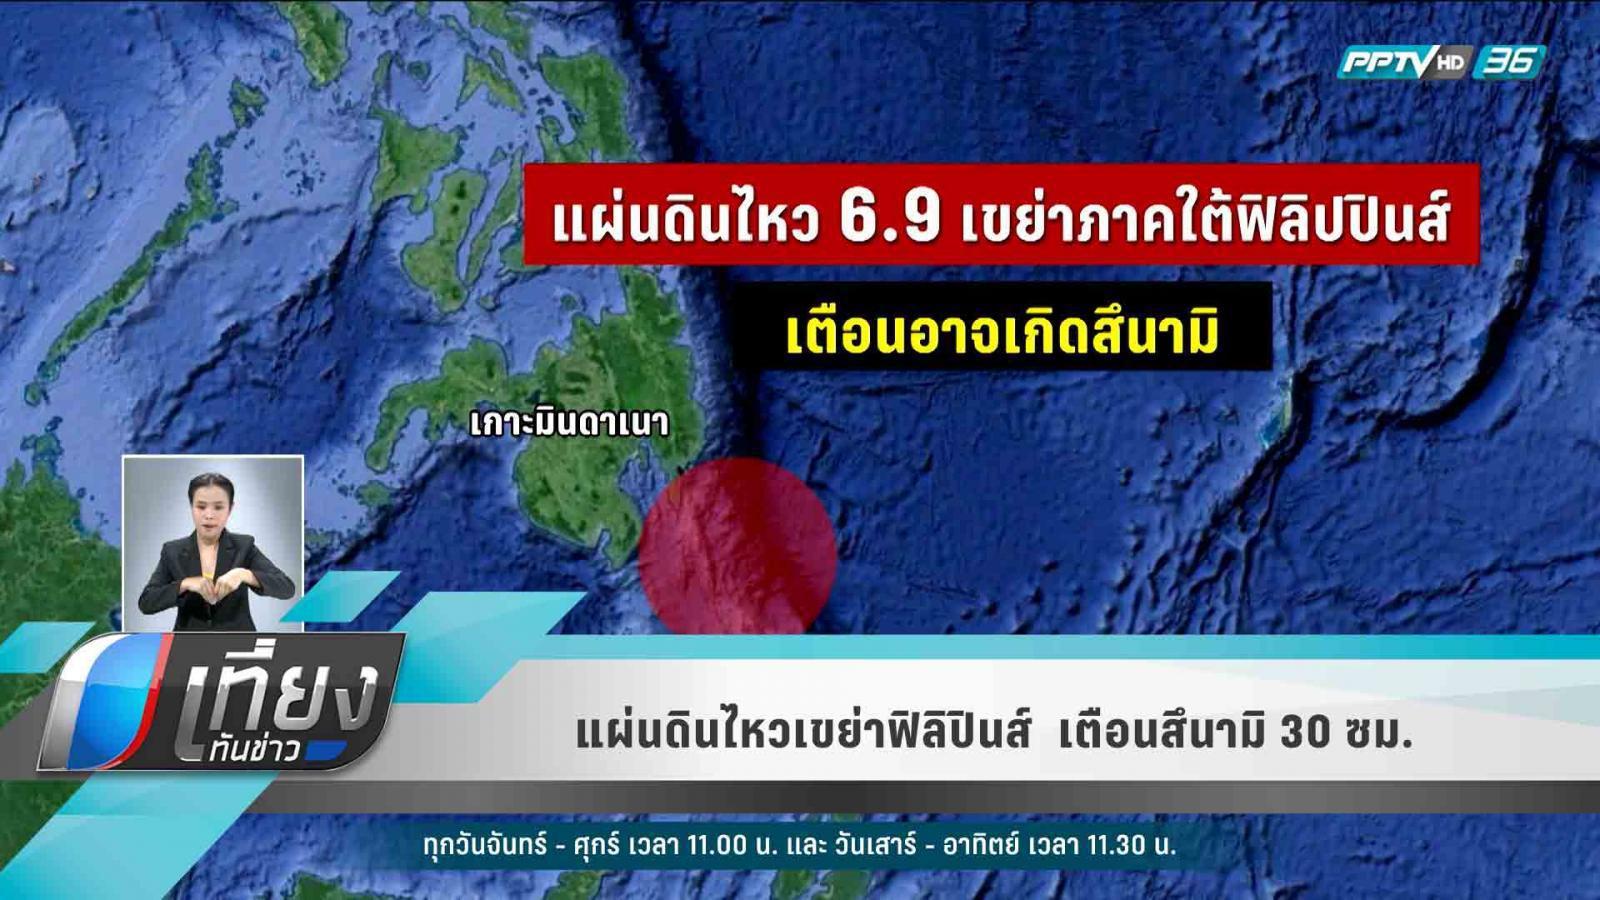 แผ่นดินไหวเขย่าฟิลิปินส์  เตือนสึนามิ 30 ซม.